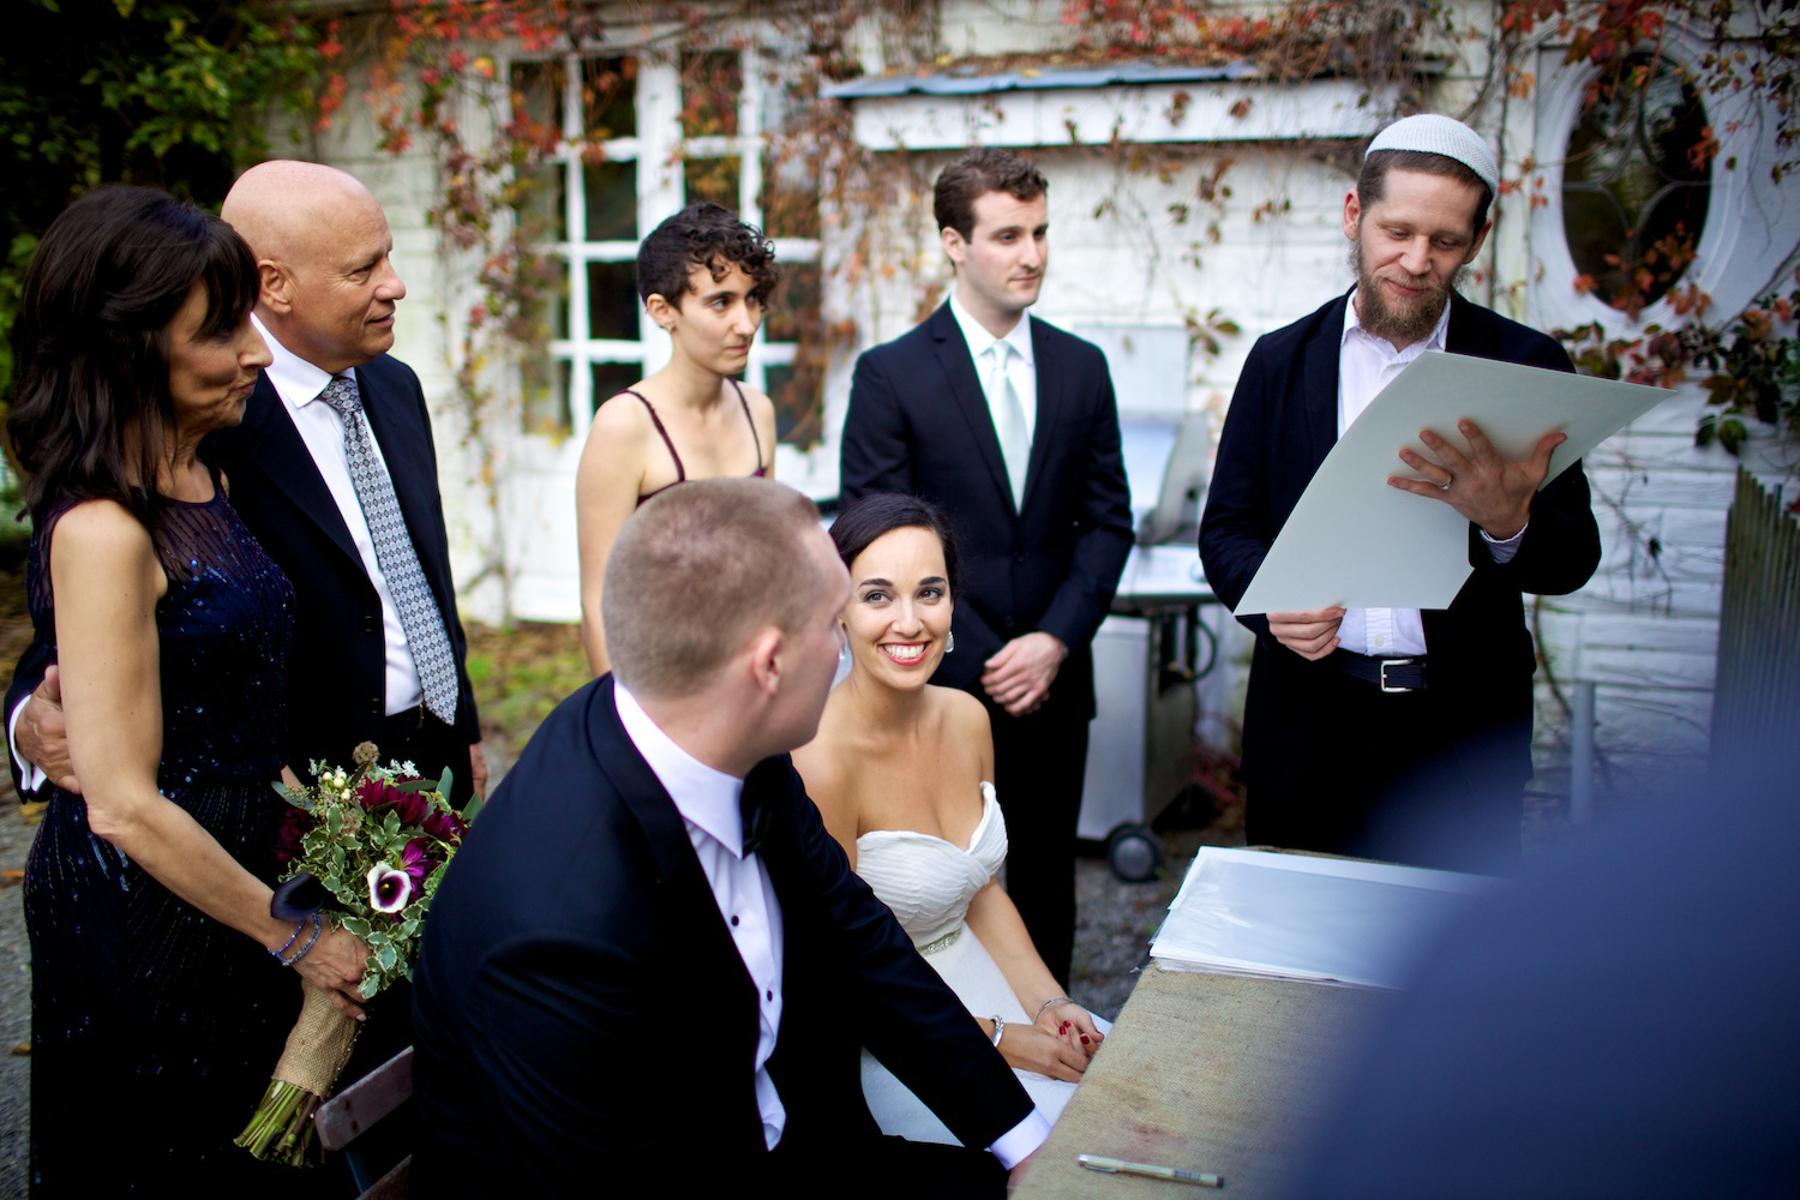 borowick_grimm_wedding_01.jpg